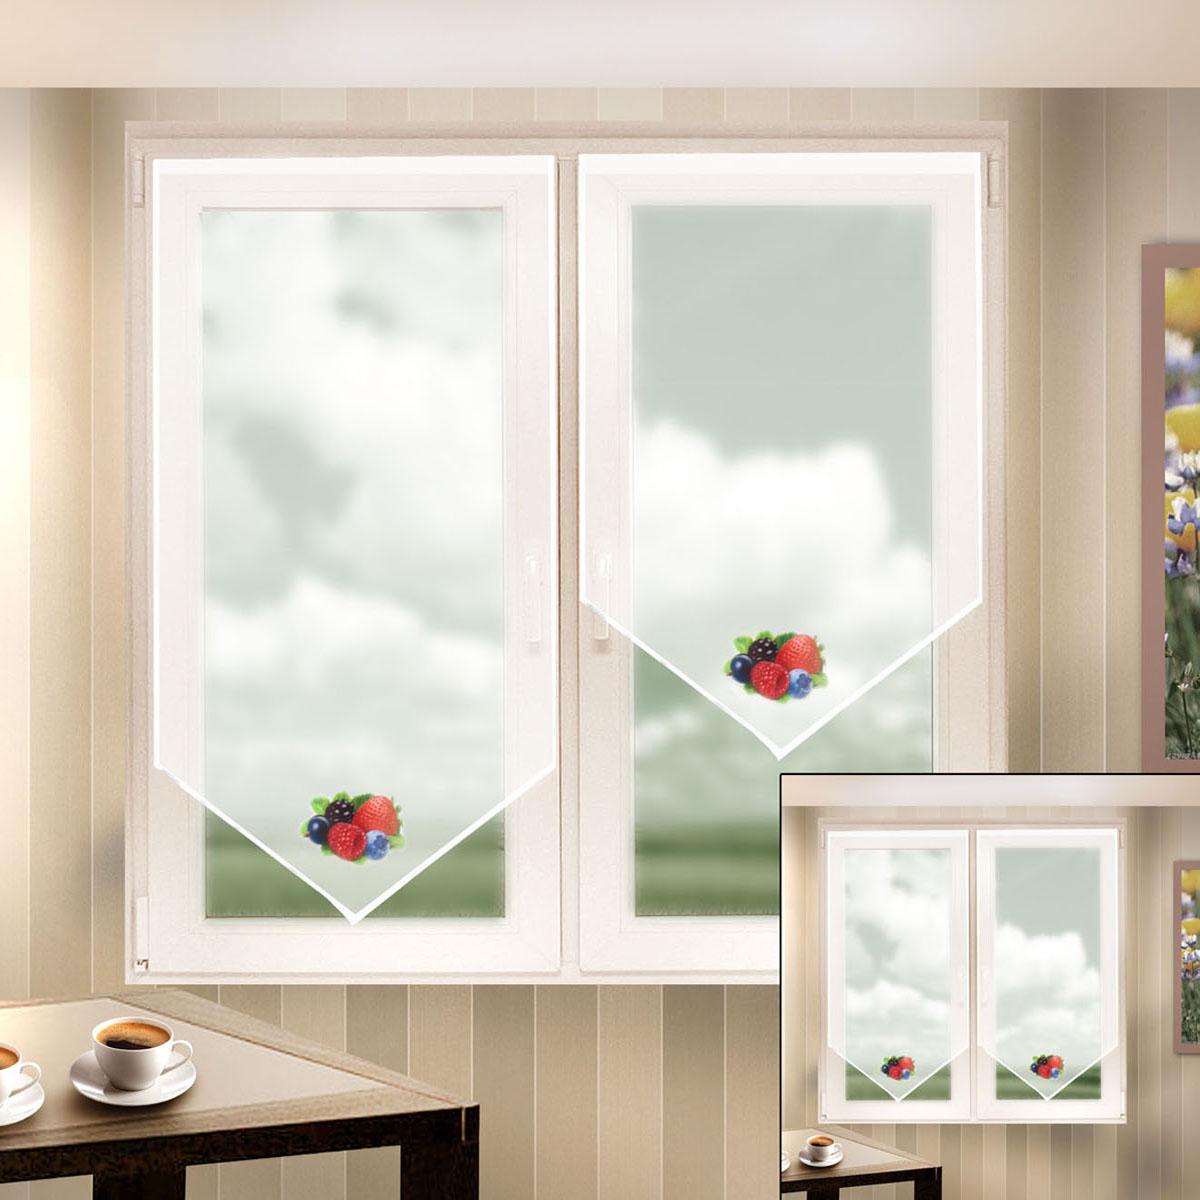 Гардина Zlata Korunka, на липкой ленте, цвет: белый, высота 120 см. 666053-1666053-1Гардина на липкой ленте Zlata Korunka, изготовленная из легкого полиэстера, станет великолепным украшением любого окна. Полотно из белой вуали с печатным рисунком привлечет к себе внимание и органично впишется в интерьер комнаты. Крепление на липкой ленте, не требующее сверления стен и карниза. Многоразовое и мгновенное крепление.